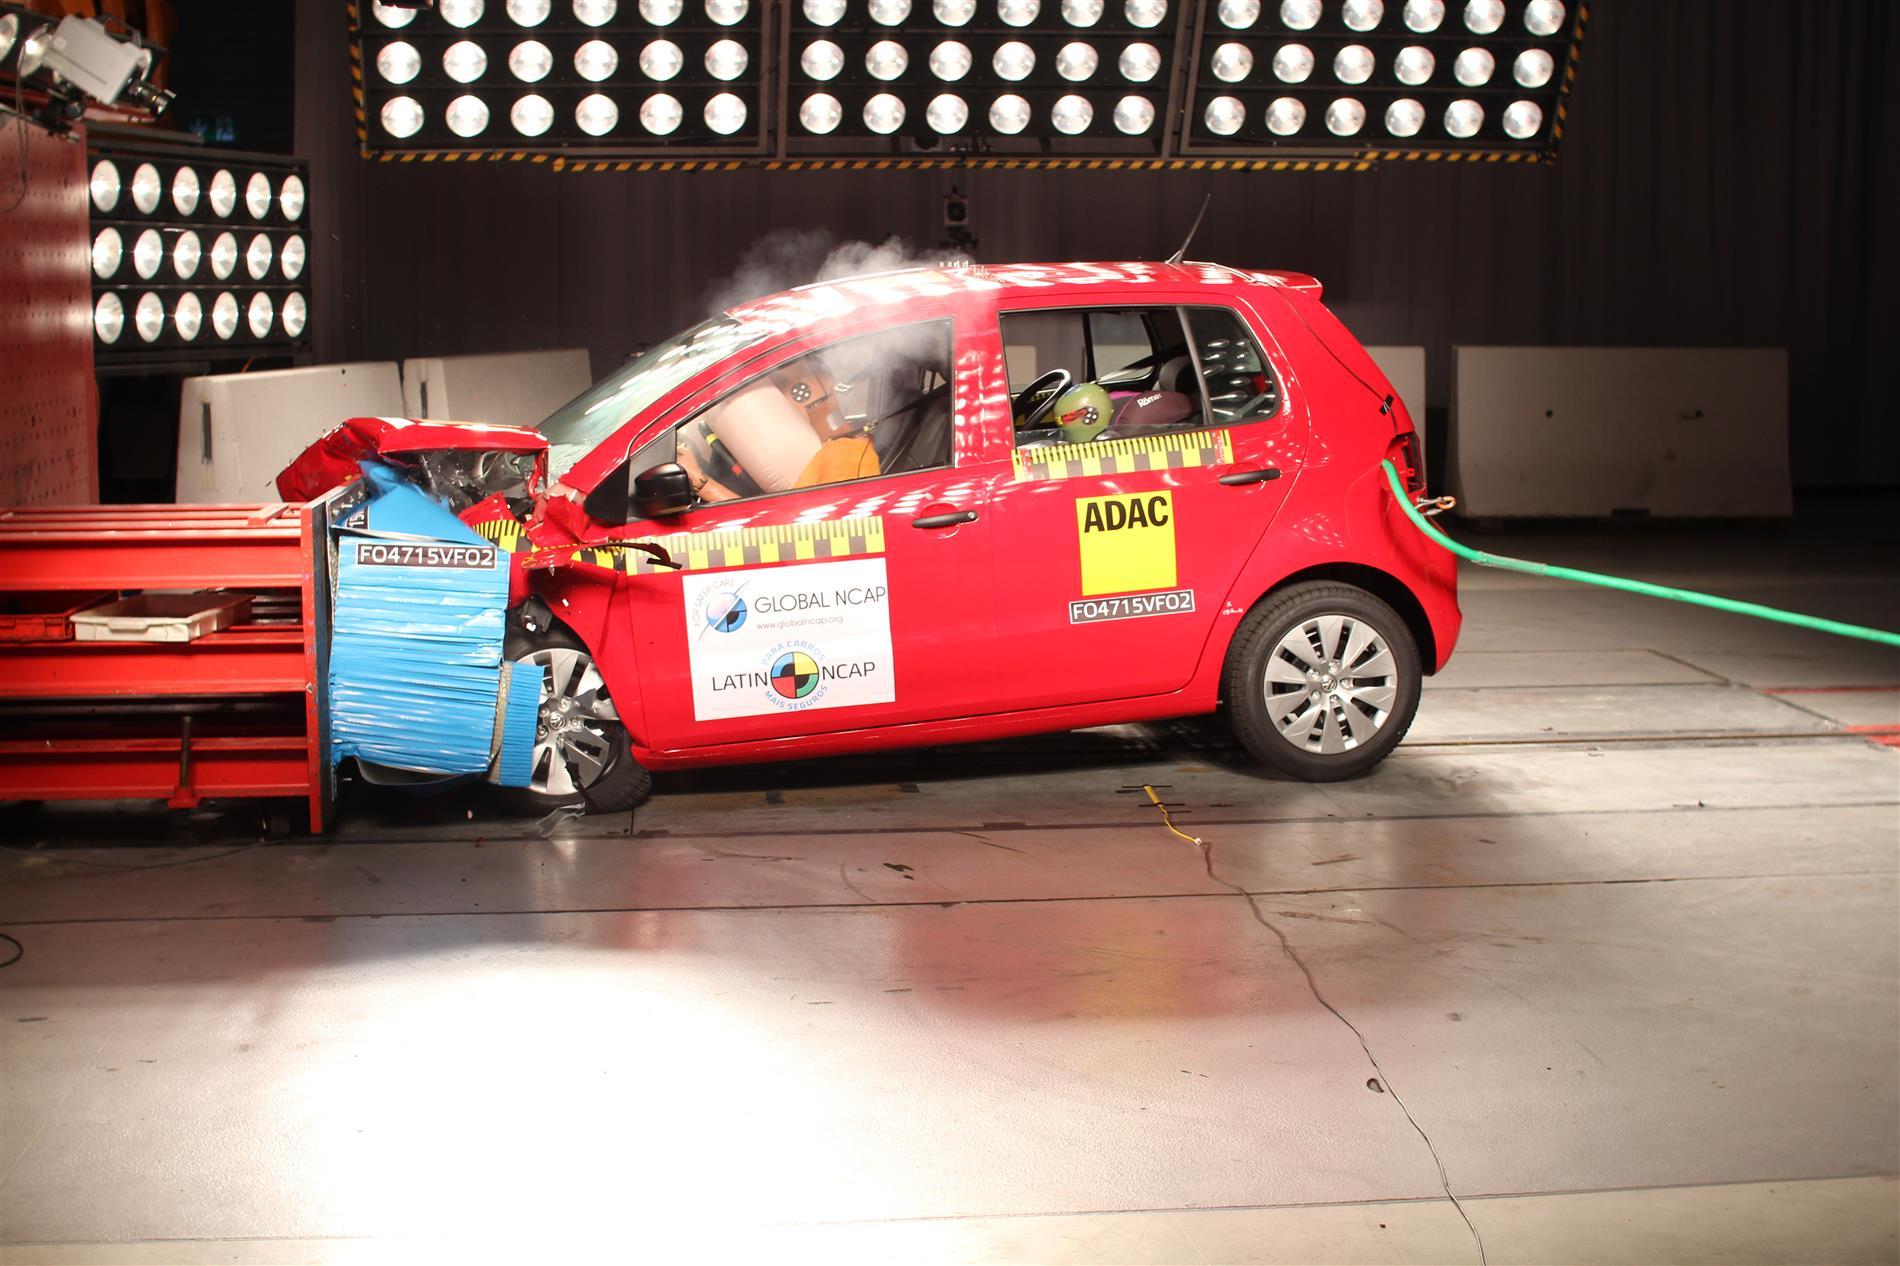 Latin Ncap testa, com base nos novos padrões, o Volkswagen Fox. Hatch conquista três estrelas na proteção de adultos e crianças.